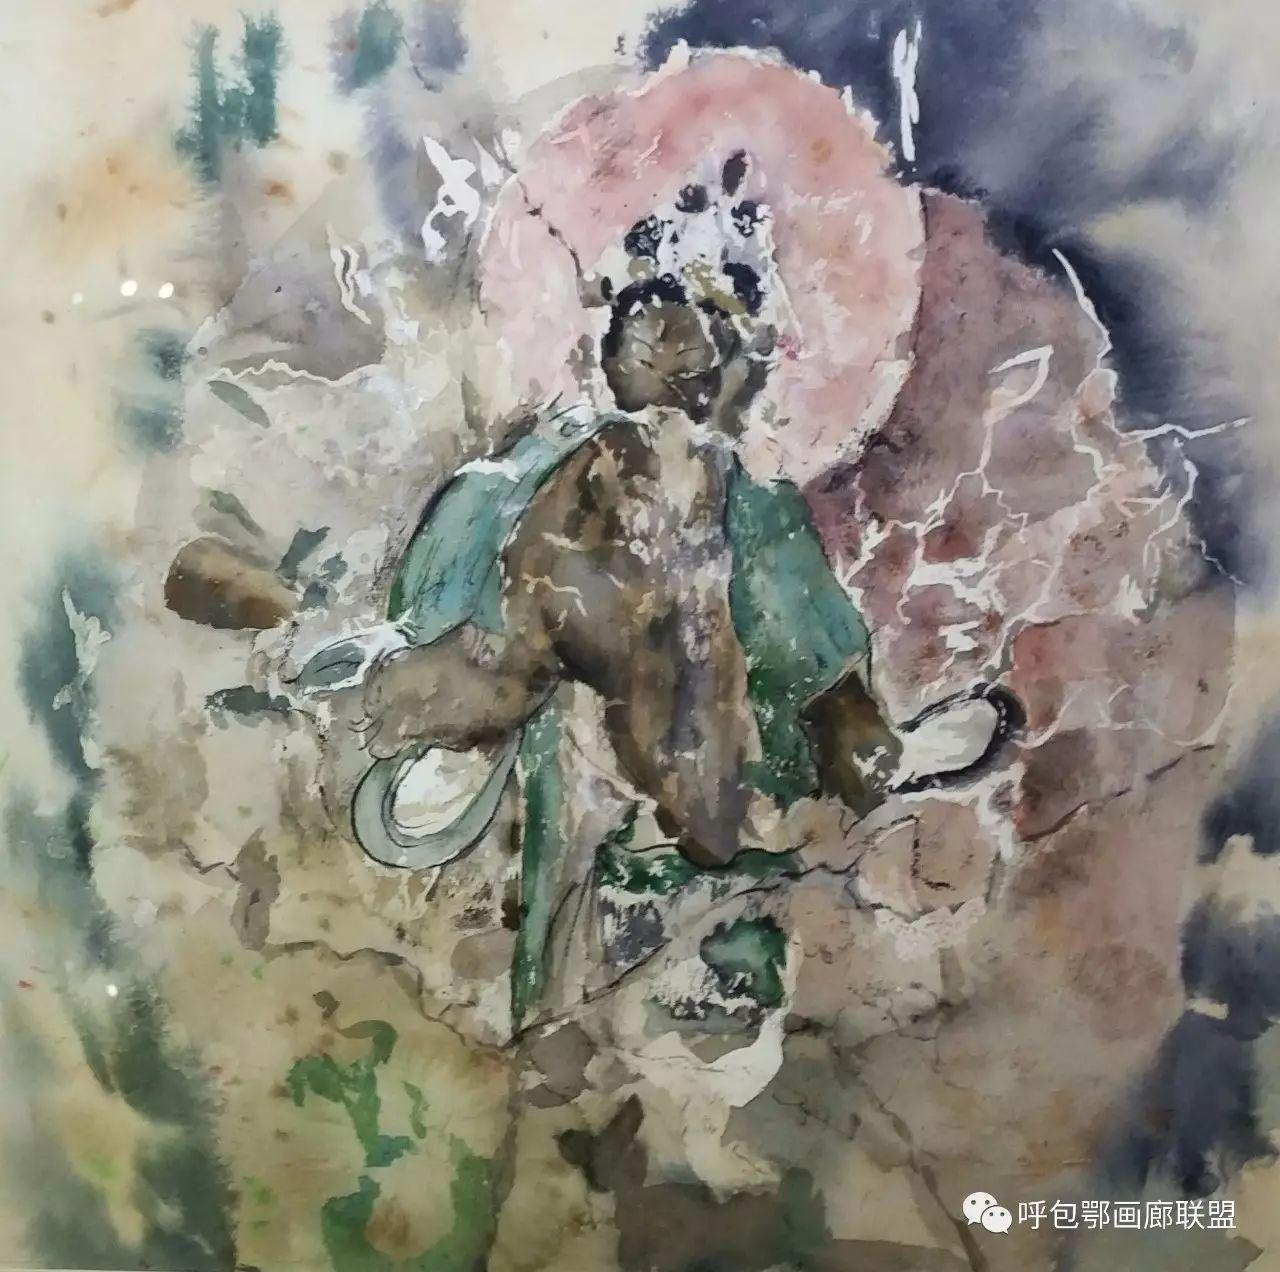 【艺玖文化】 内蒙古师范大学美术学院2013级美术学水彩班优秀毕业生展 第14张